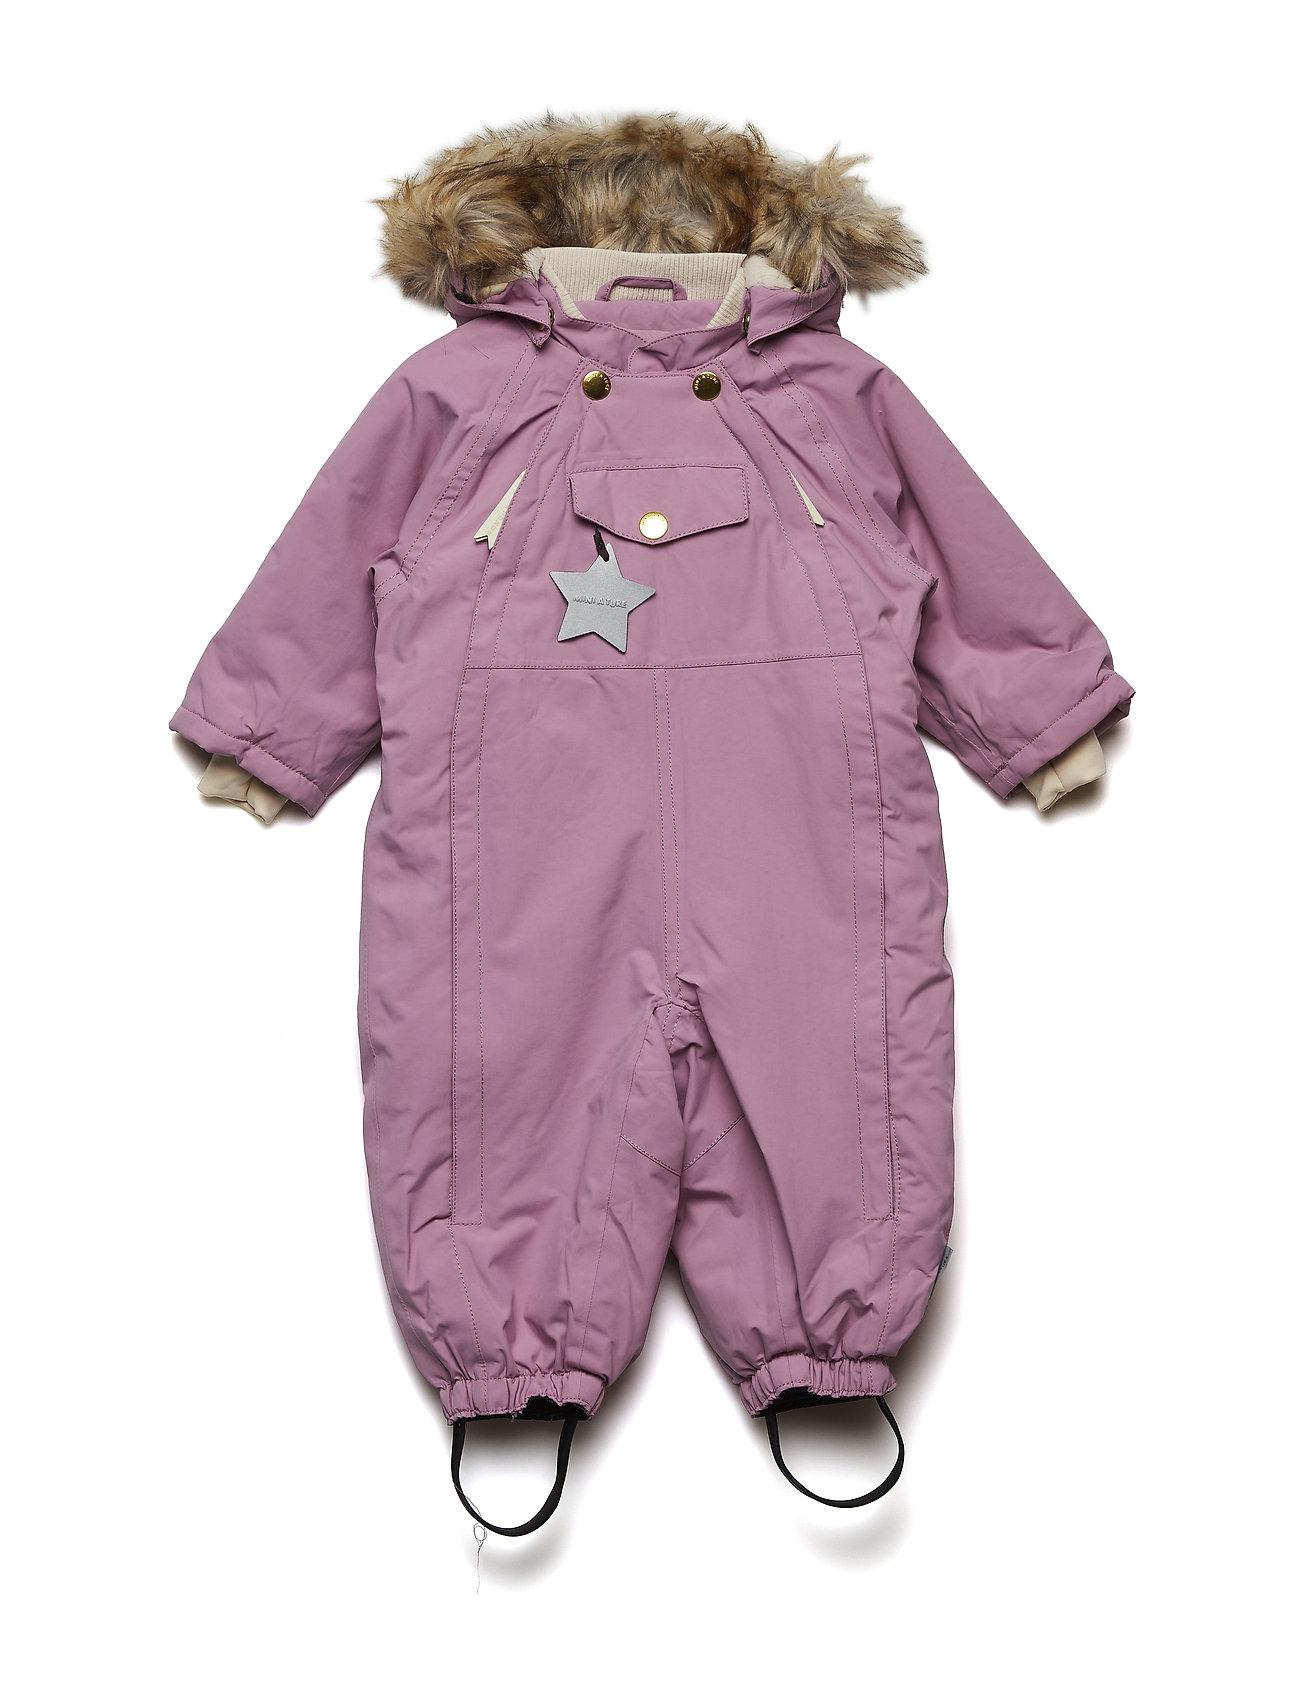 28a797ffc16 Wisti Faux Fur Snowsuit, M flyverdragter fra Mini A Ture til børn i ...